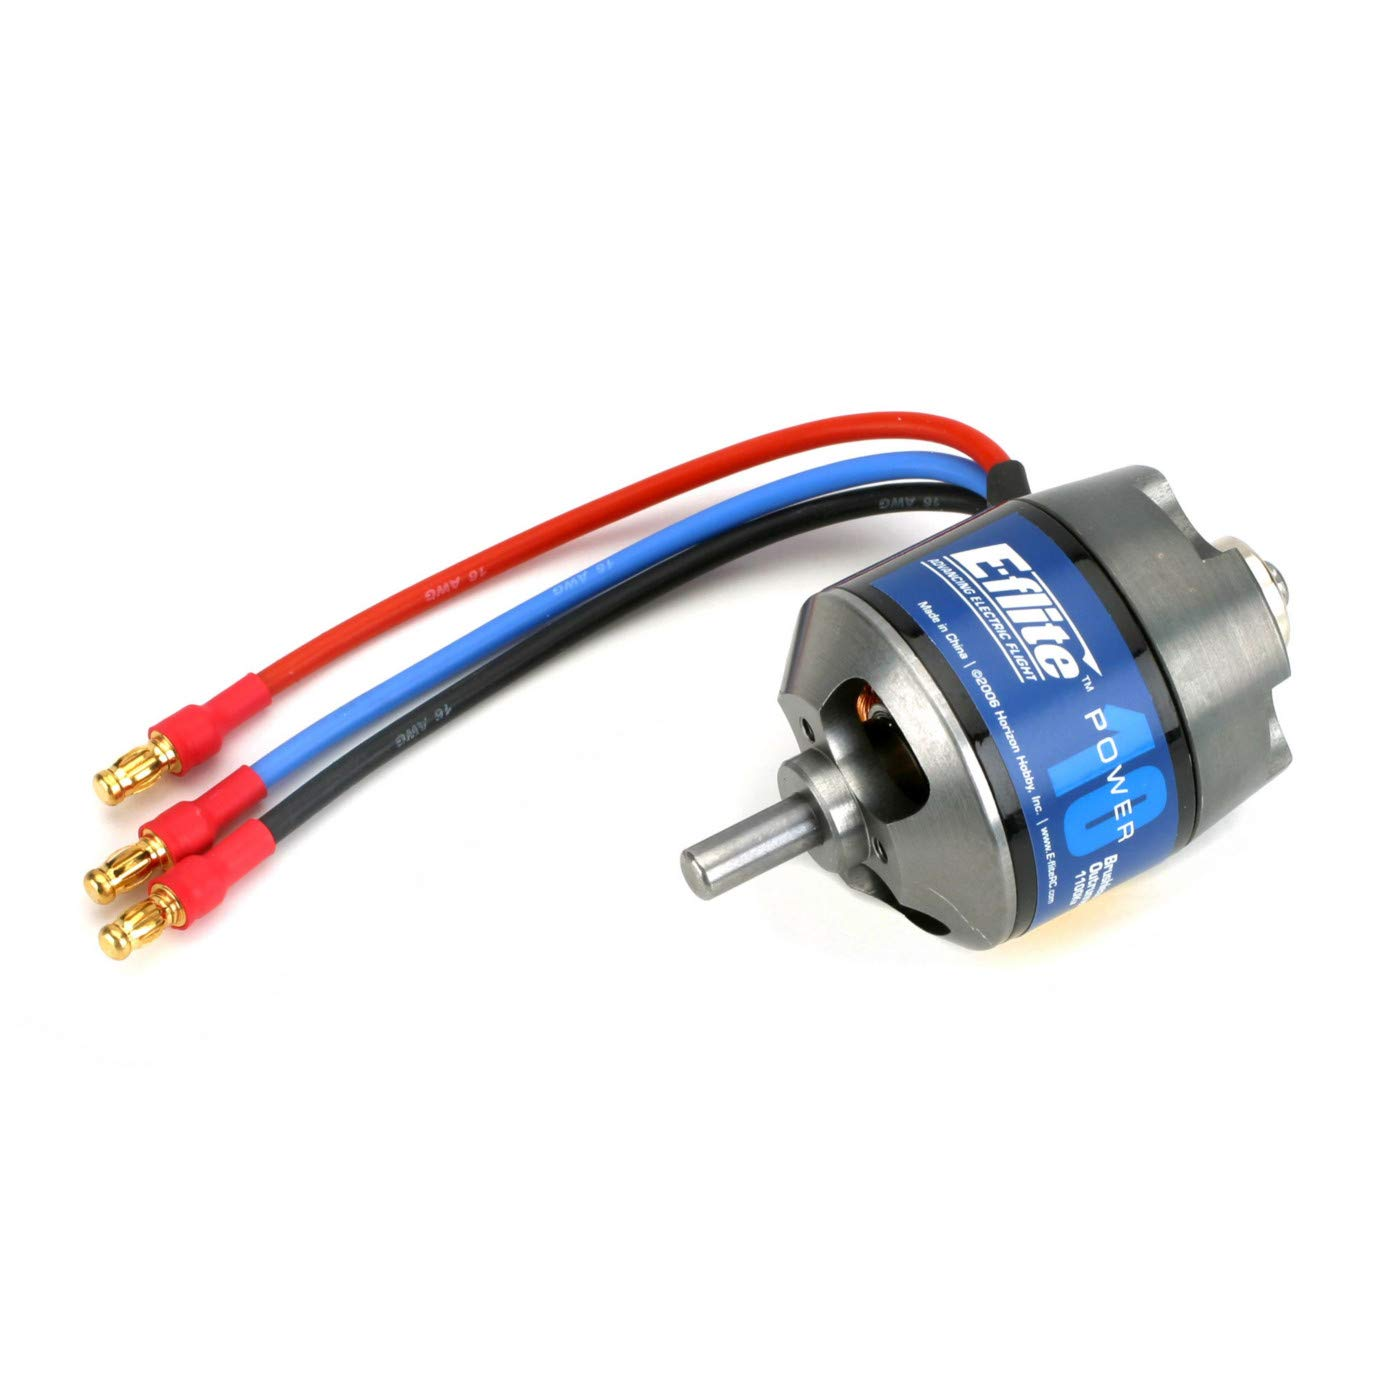 E-flite Power 10 Brushless Outrunner Motor, 1100Kv: 3.5mm Bu